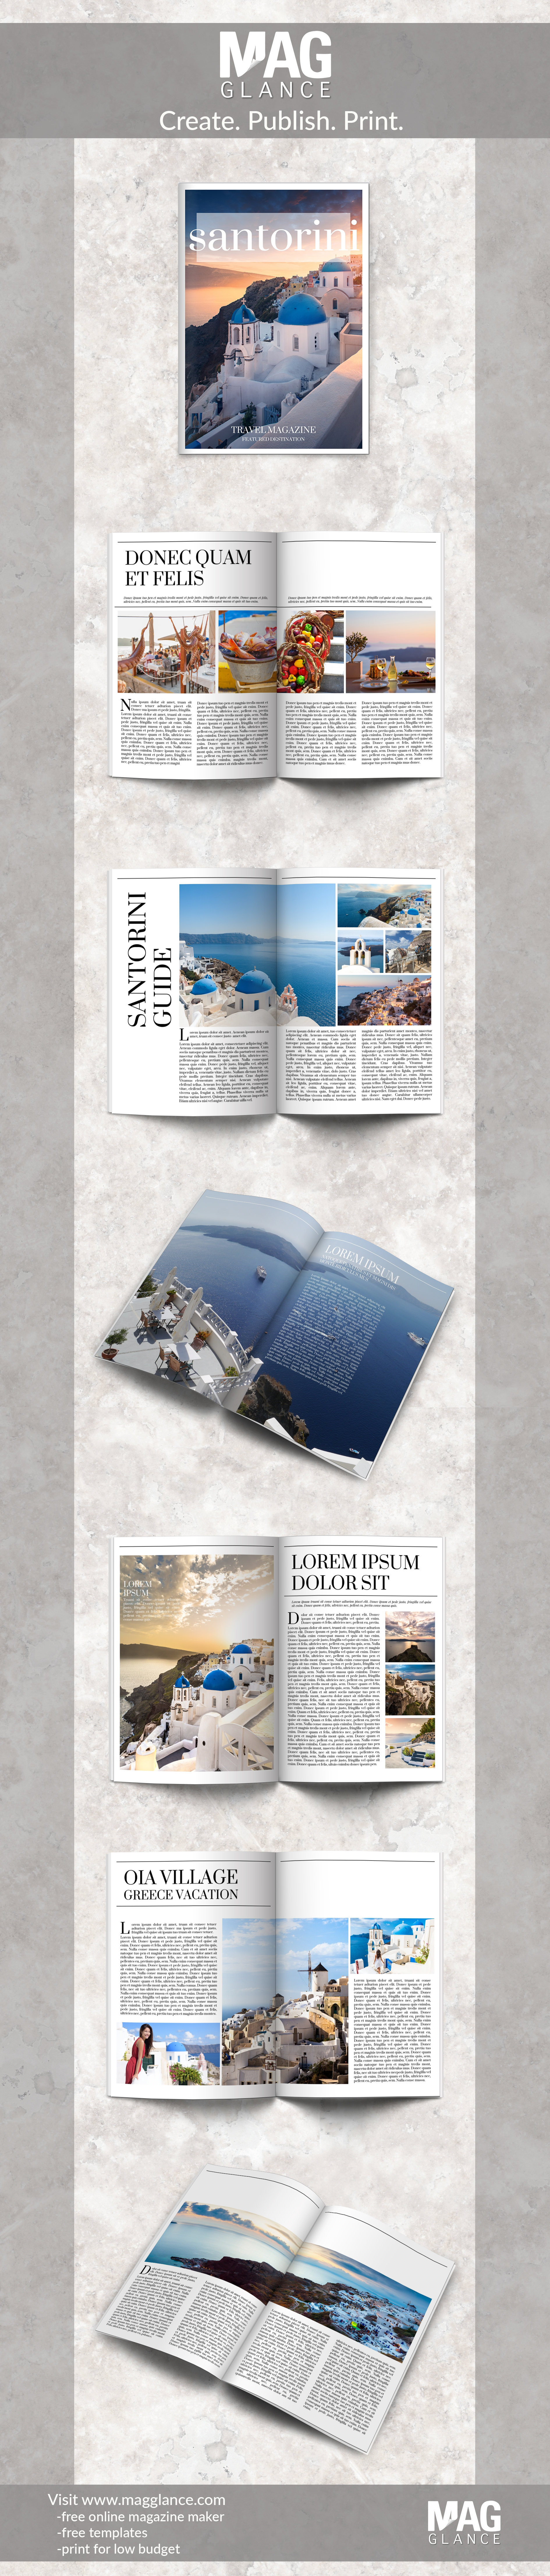 pin by mag glance gmbh netherland on fotoboeks sjablonen. Black Bedroom Furniture Sets. Home Design Ideas